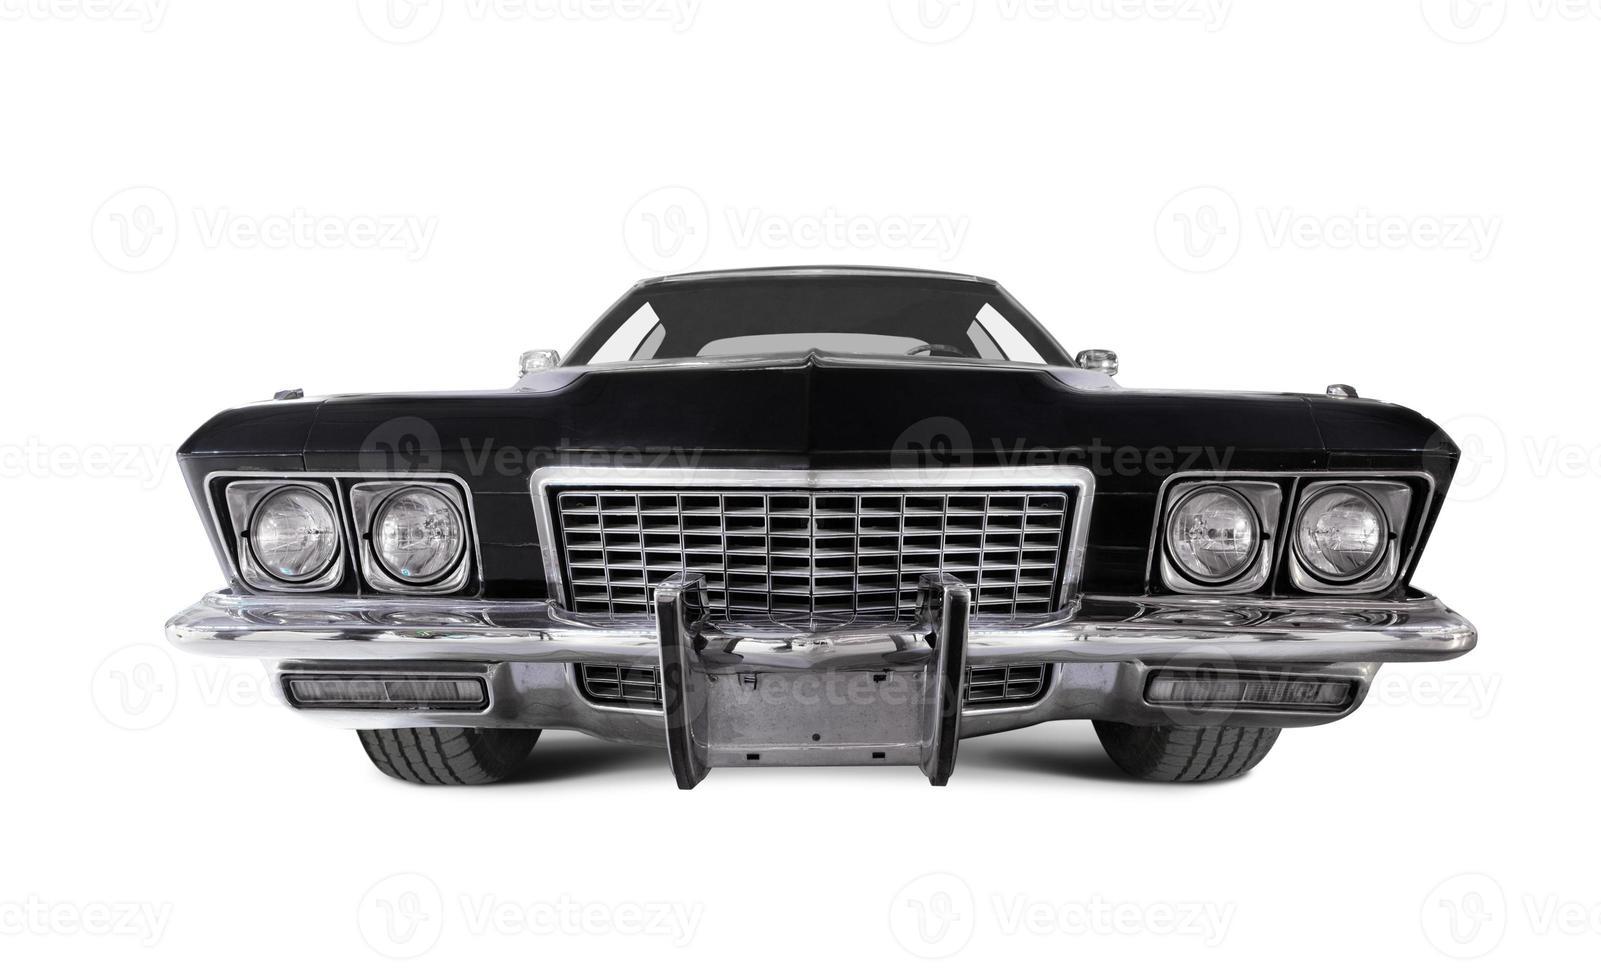 auto americana classica foto